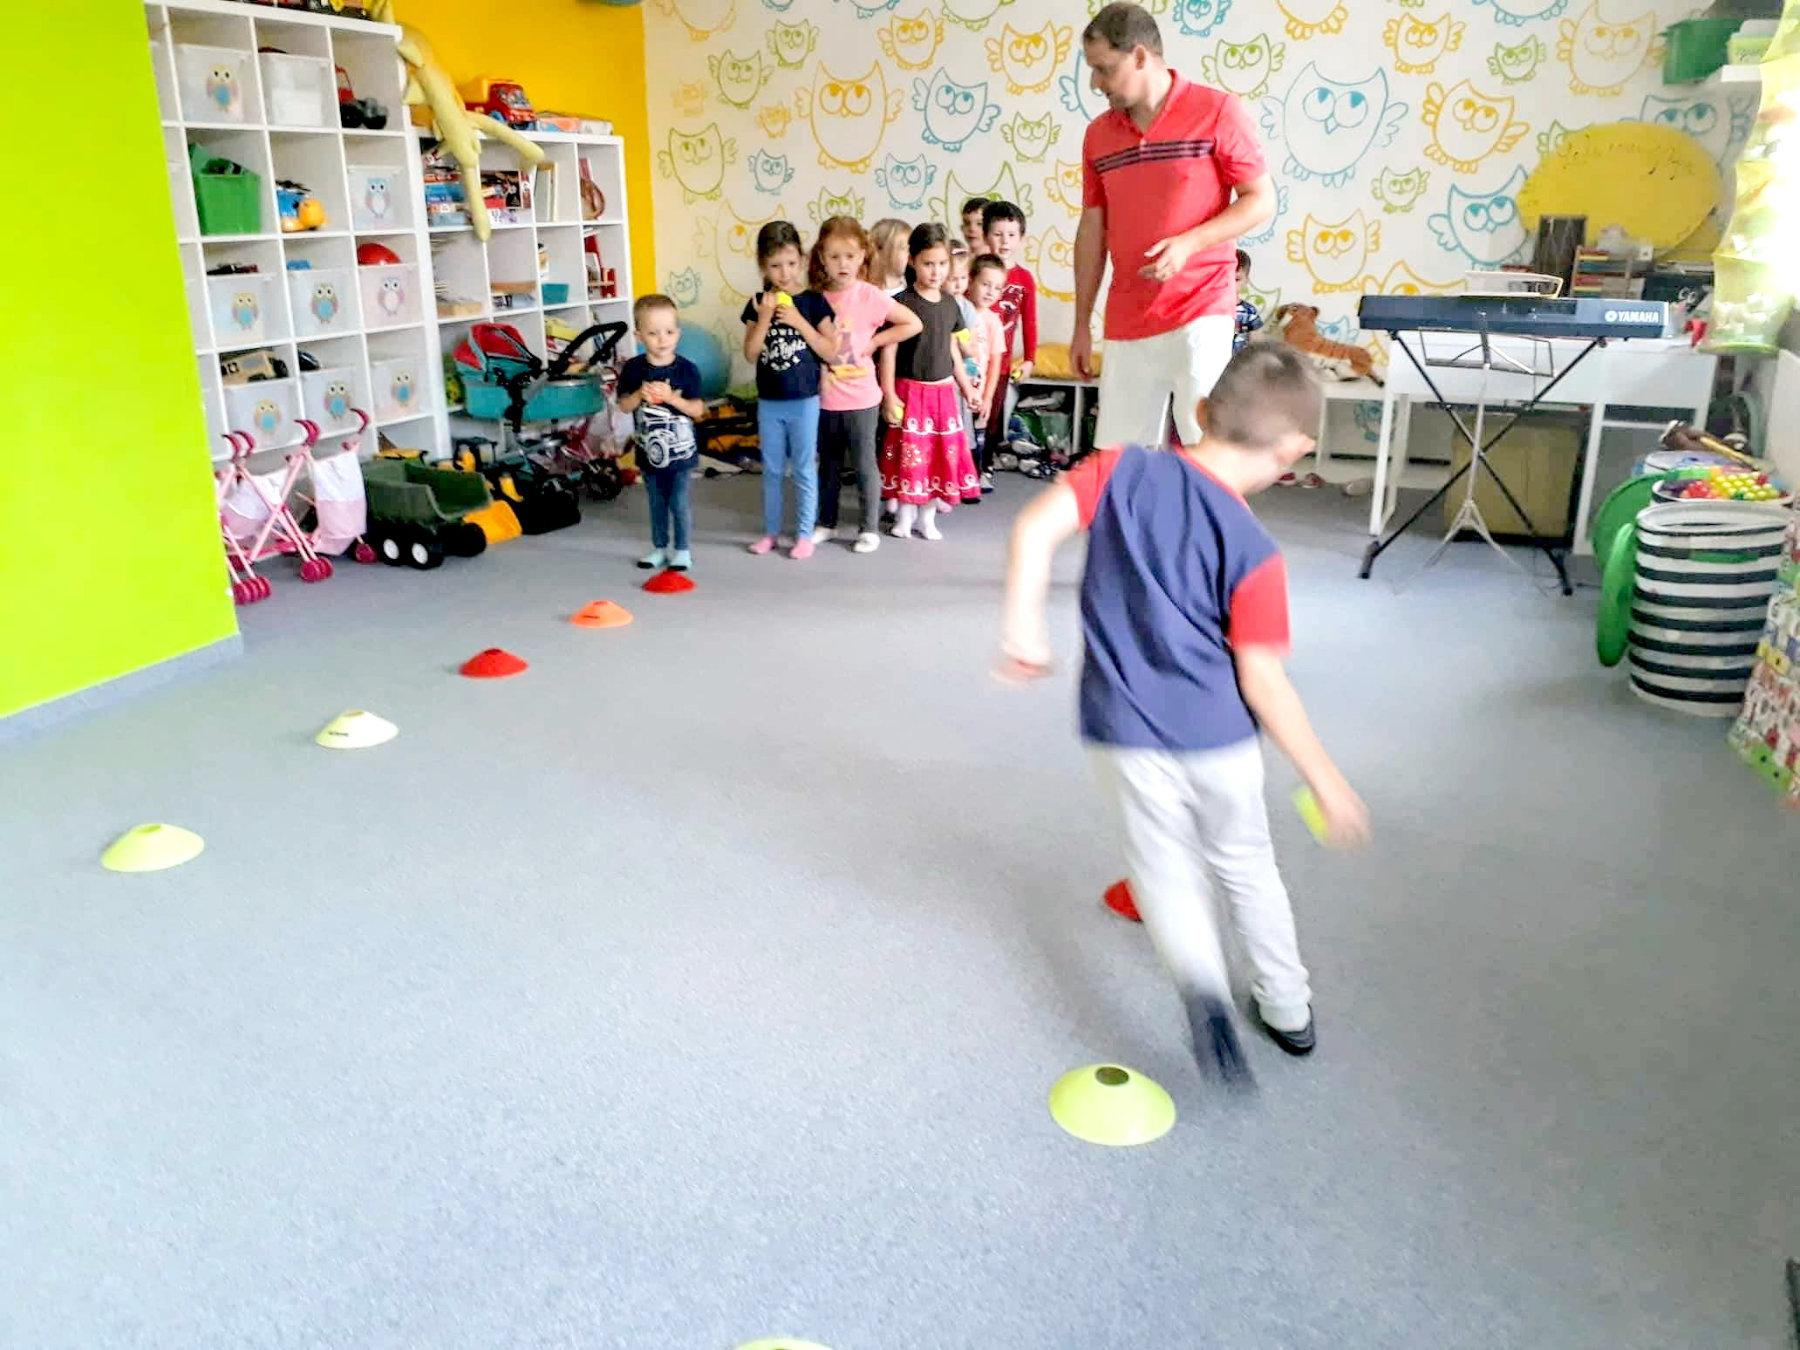 Univerzitka - materska skolka Brno - sportovni krouzek